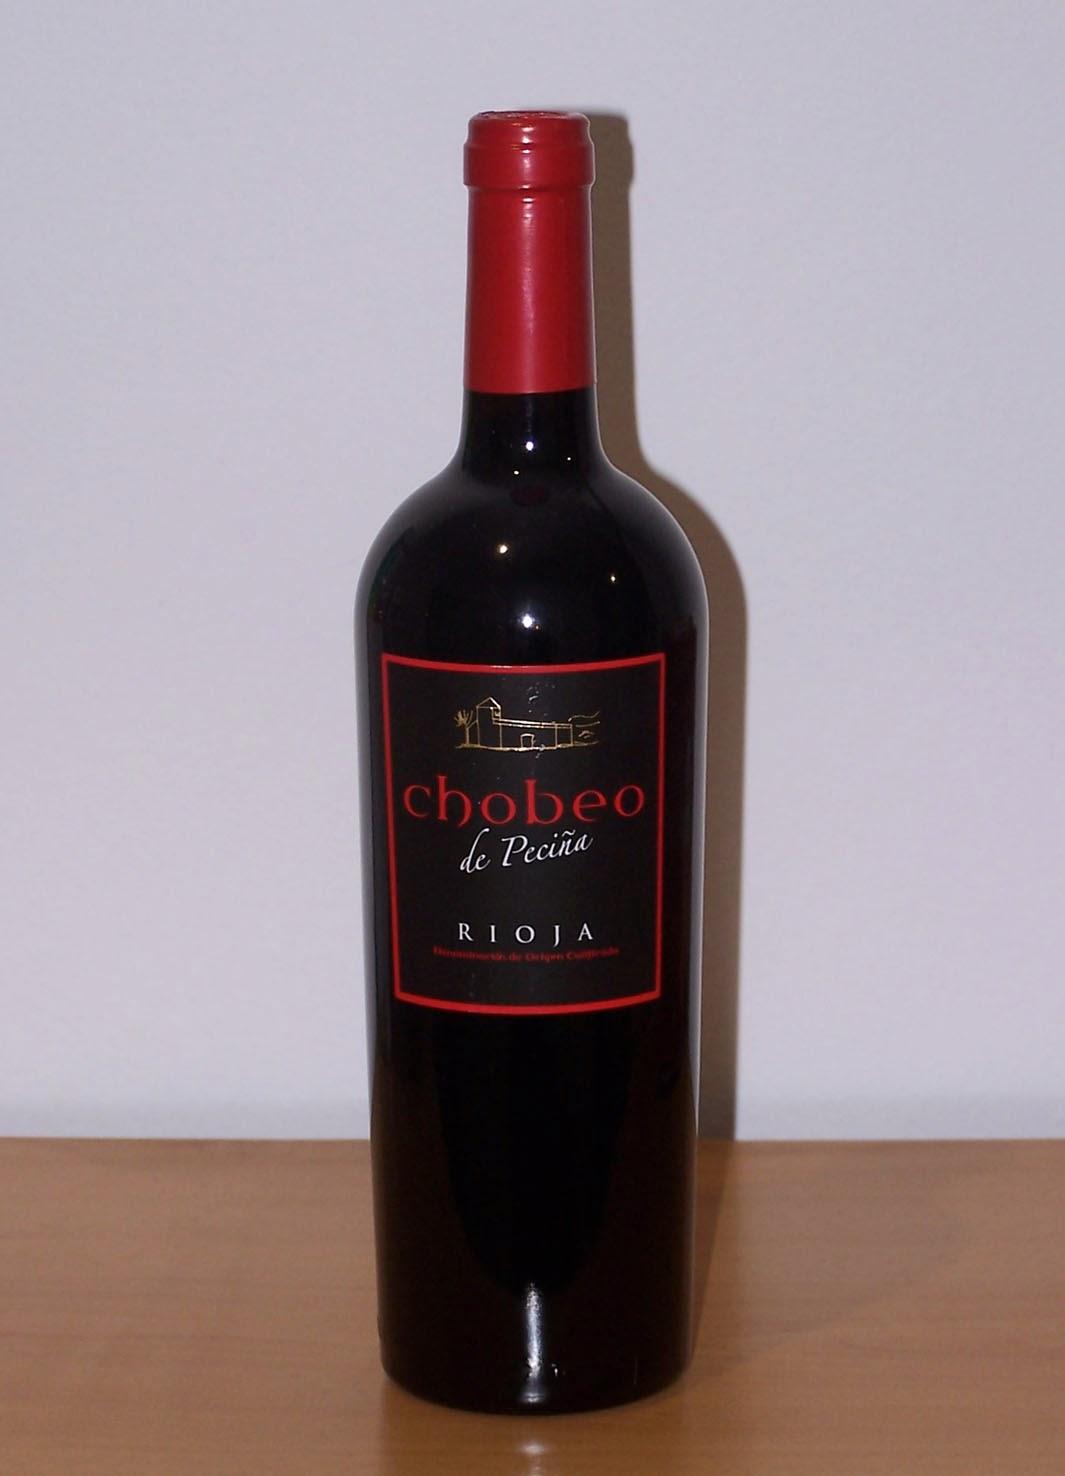 Chobeo de Peciña Tinto 2007, D.o.c Rioja